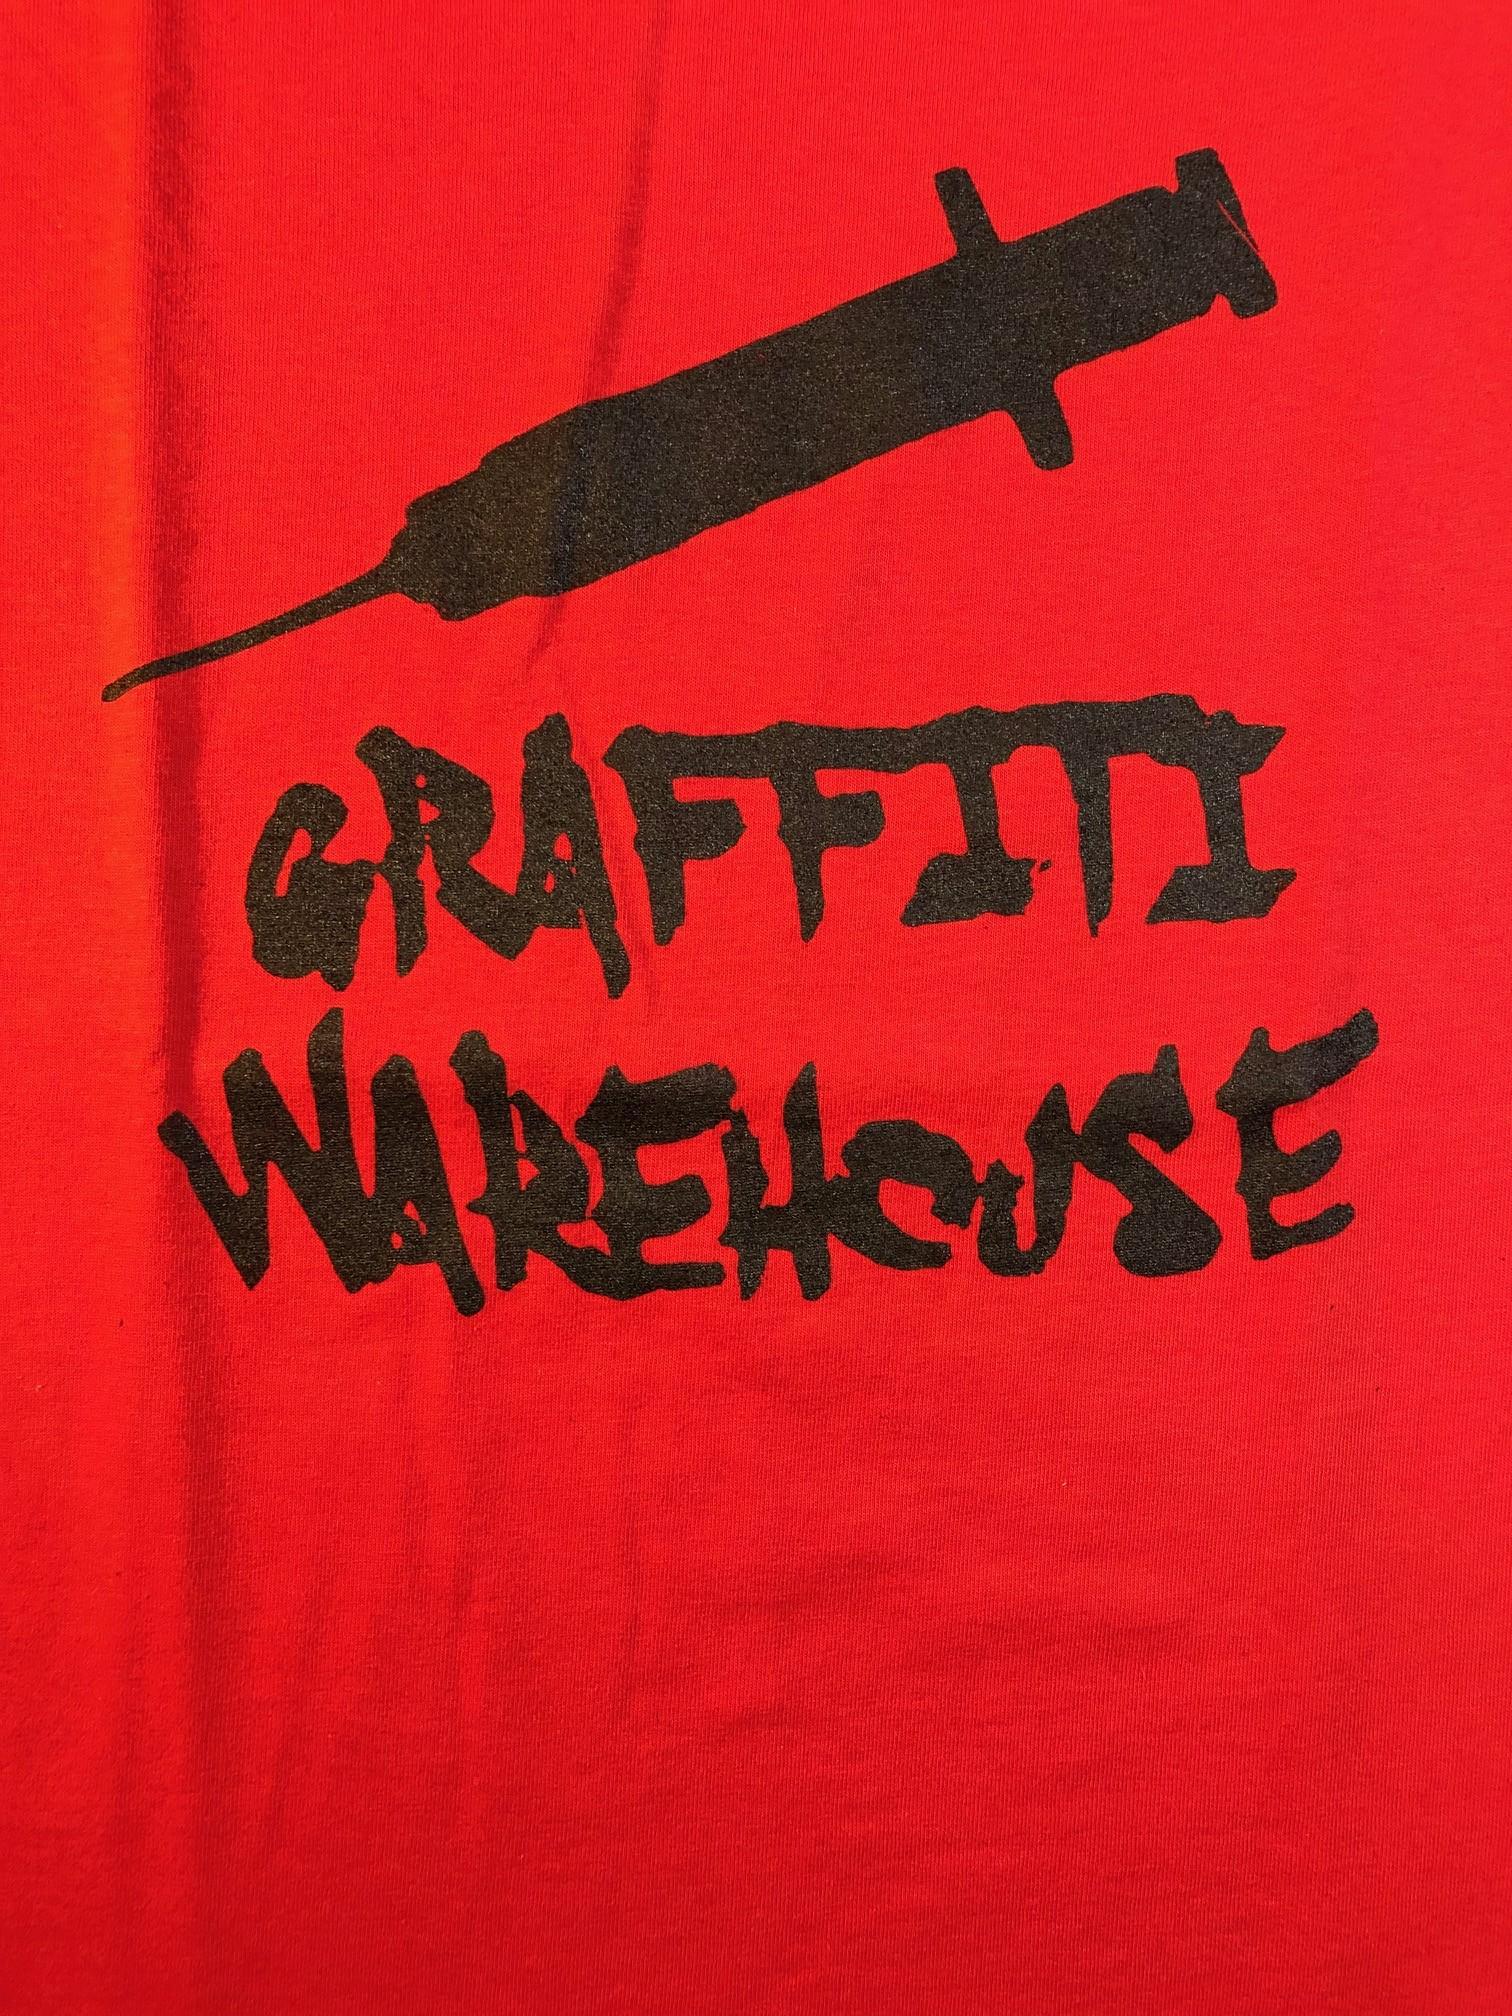 gw tshirt 1 - logo